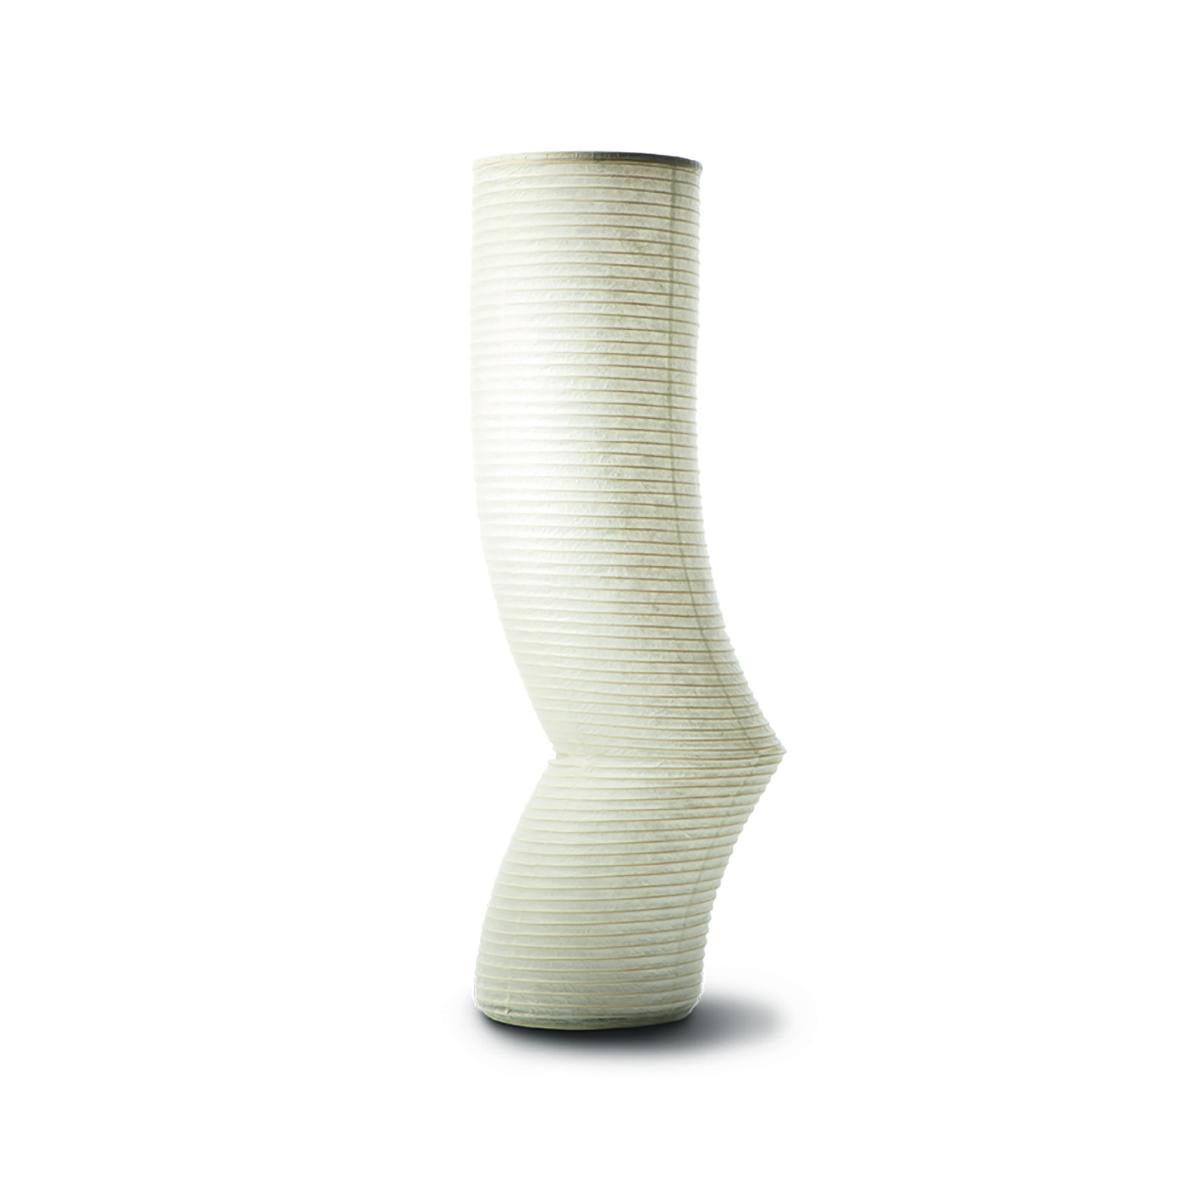 癒しの揺らぐ提灯式ランプ|STANDARD - リラックス空間を作る「提灯式」ランプ| 梅